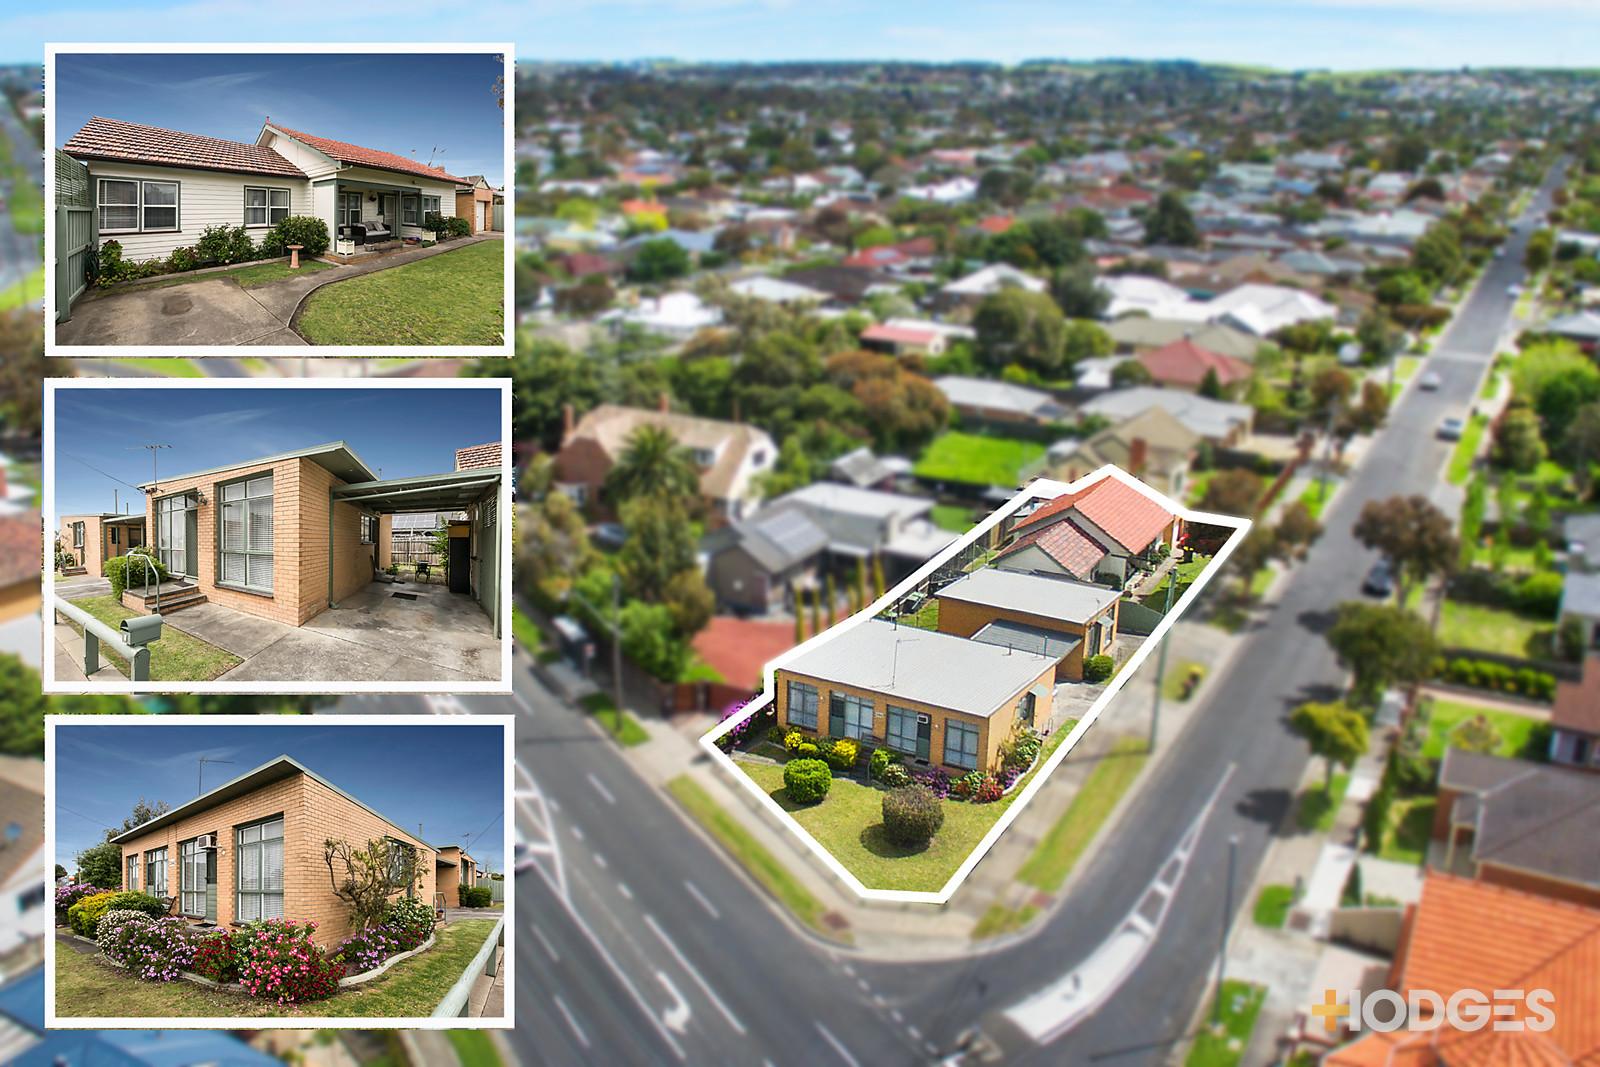 Hodges Geelong Real Estate Agency In Geelong West Vic 3218